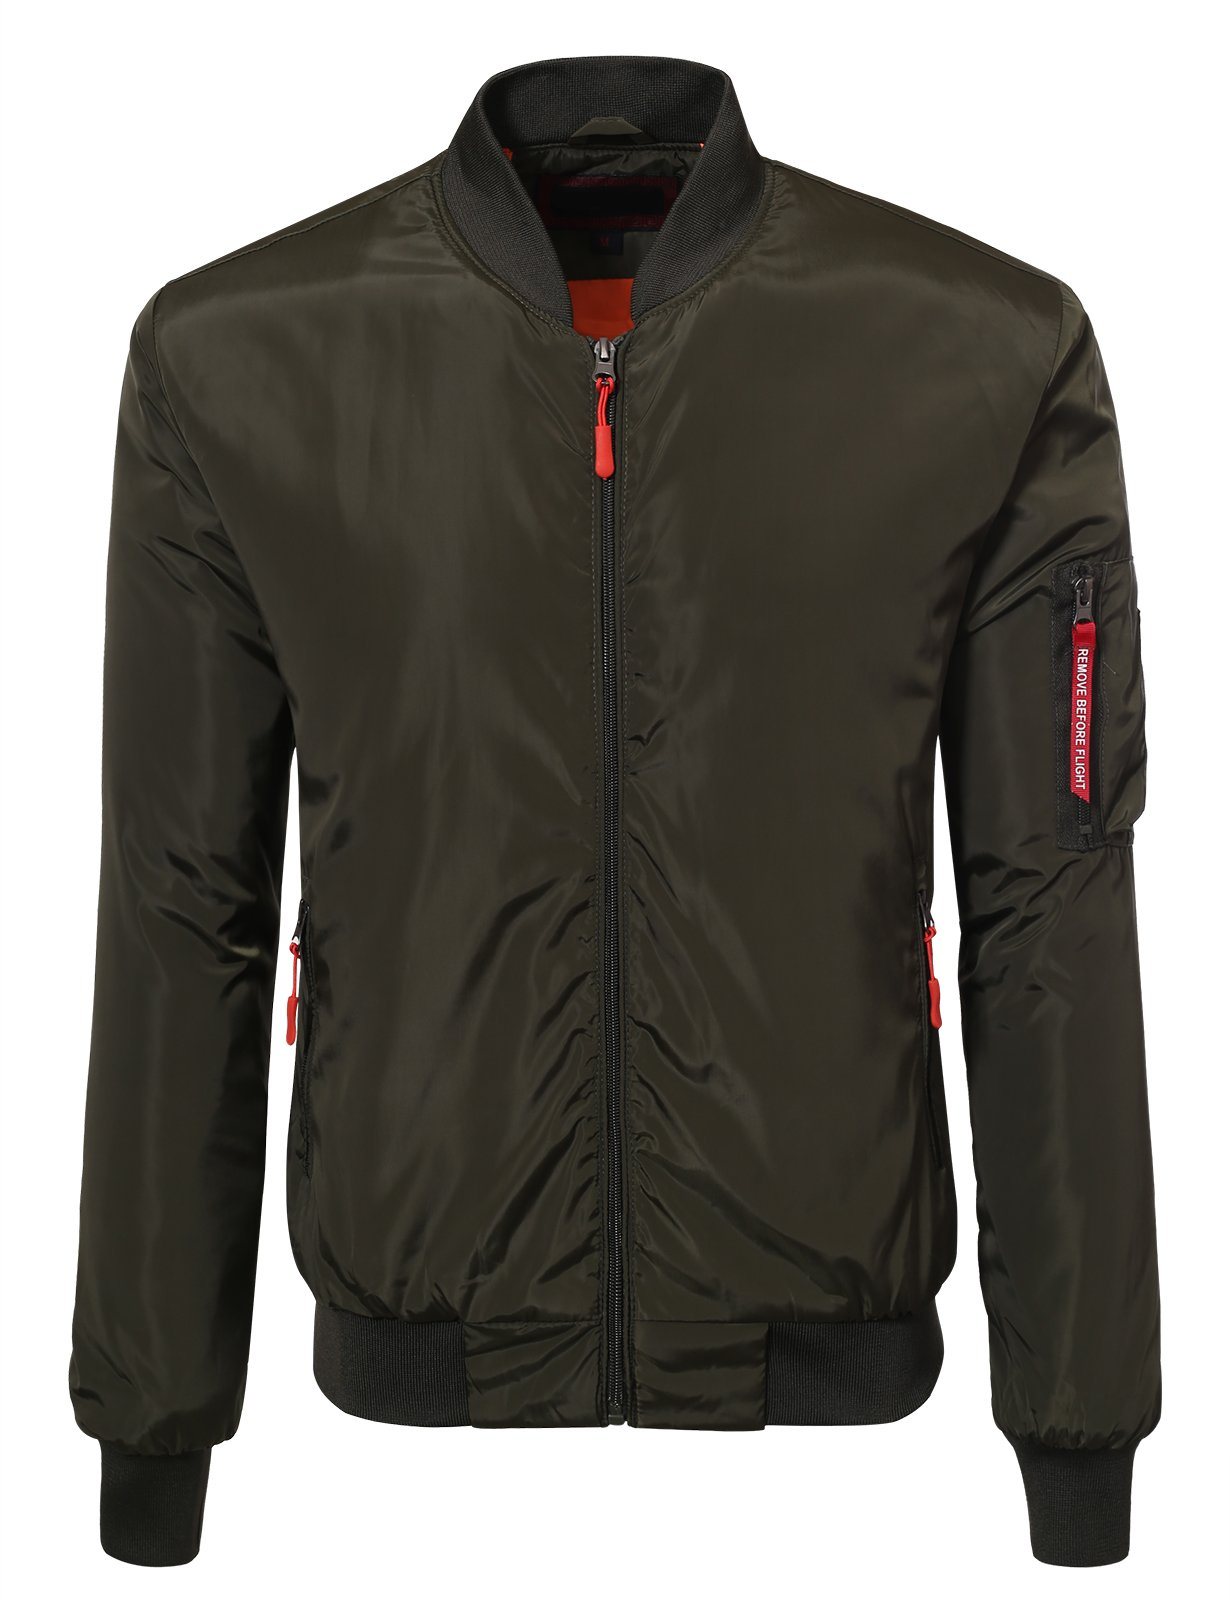 JD Apparel Men's Lightweight Slim Fit Bomber Jackets Large Olive